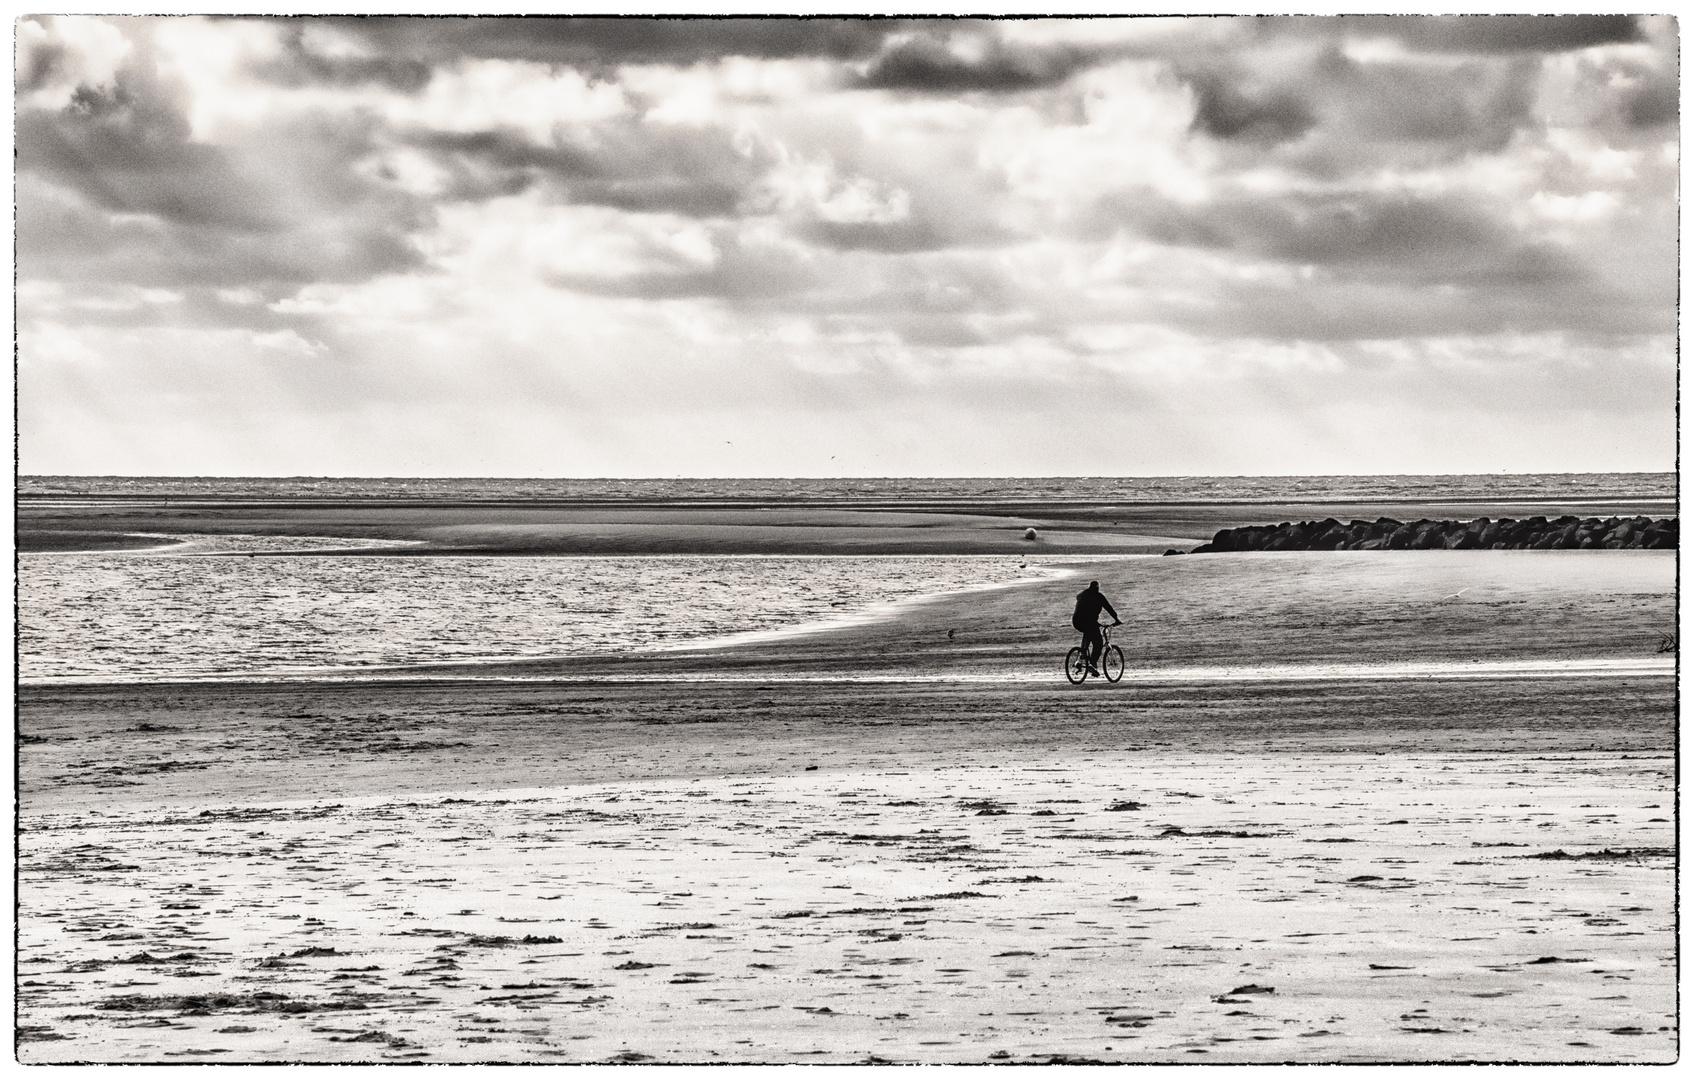 Einsamer Moutainbiker am Strand - Vététiste solitaire sur la plage